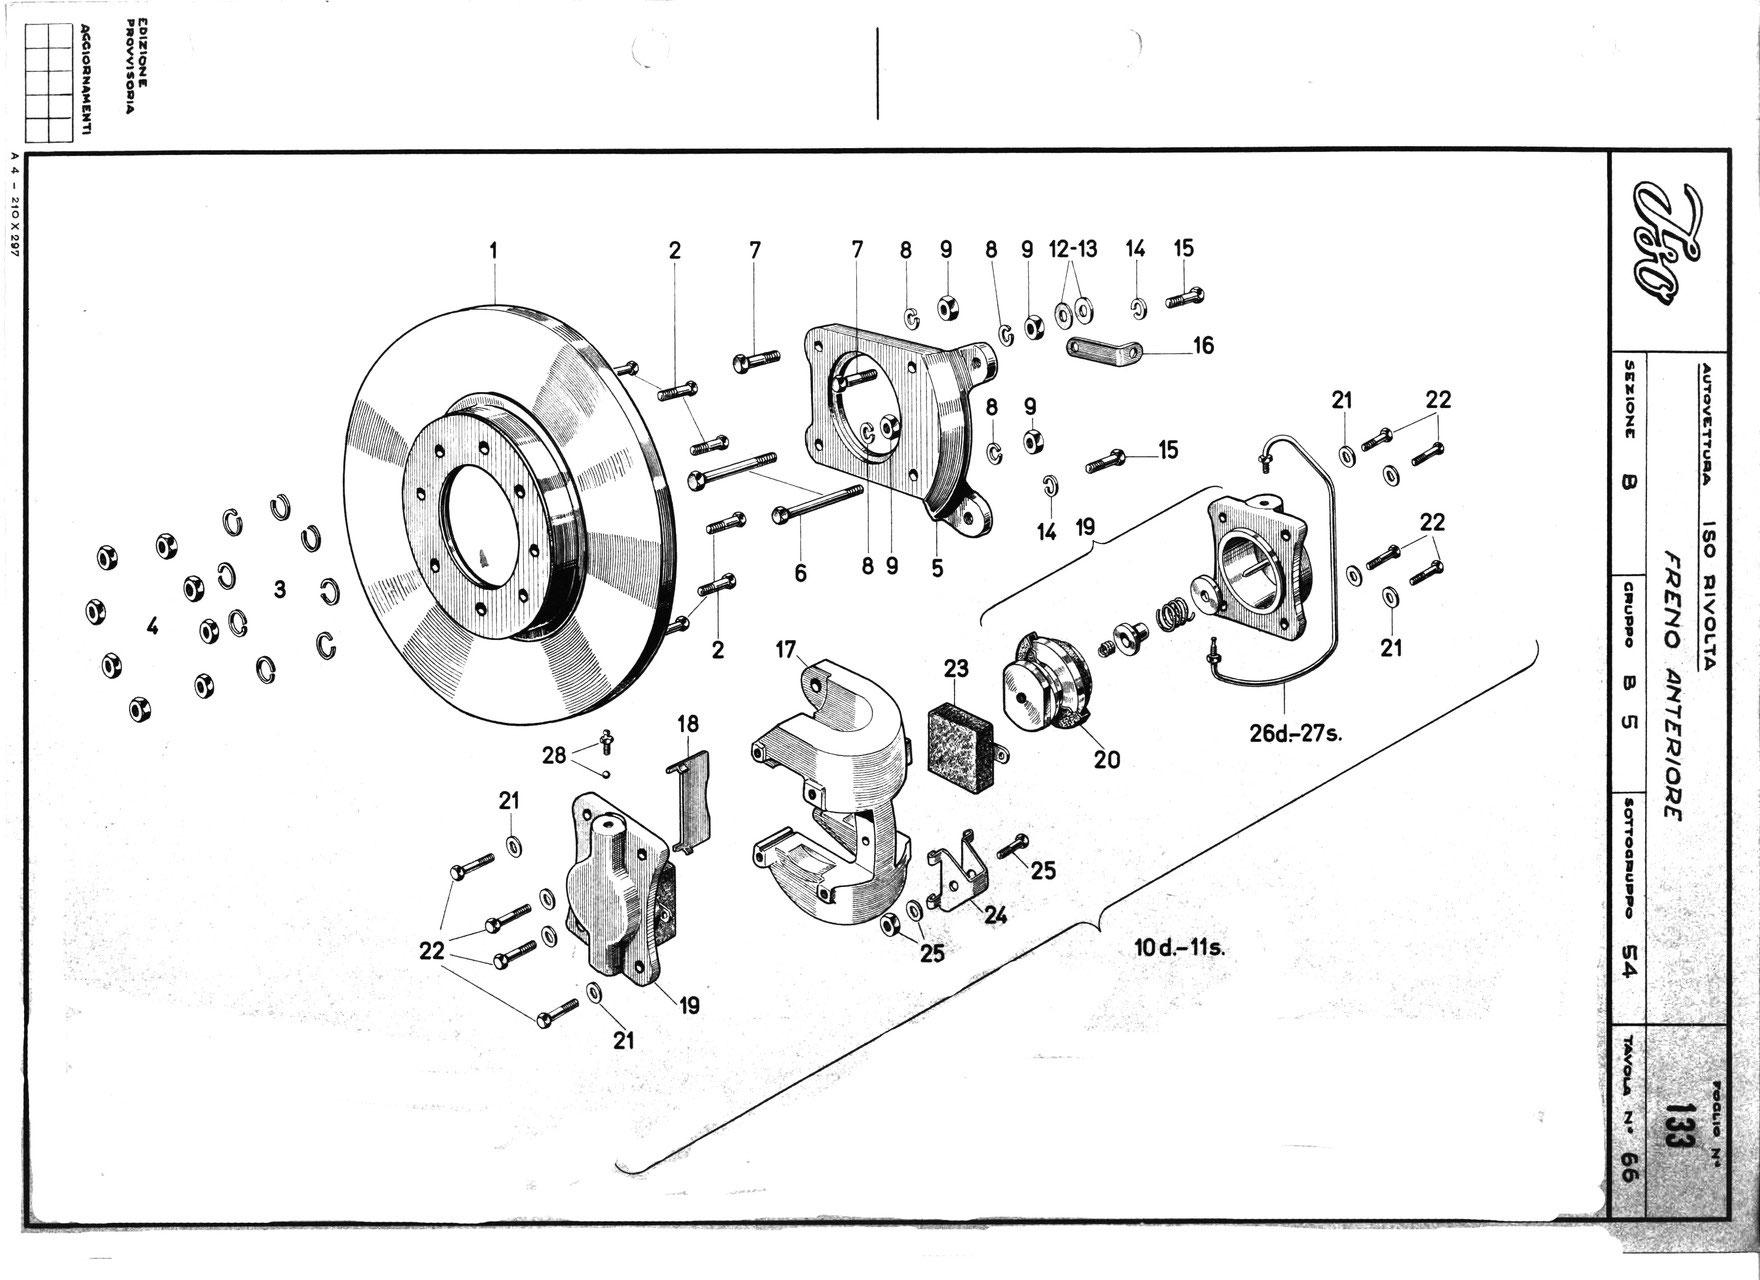 dunlop front brake frontbremse